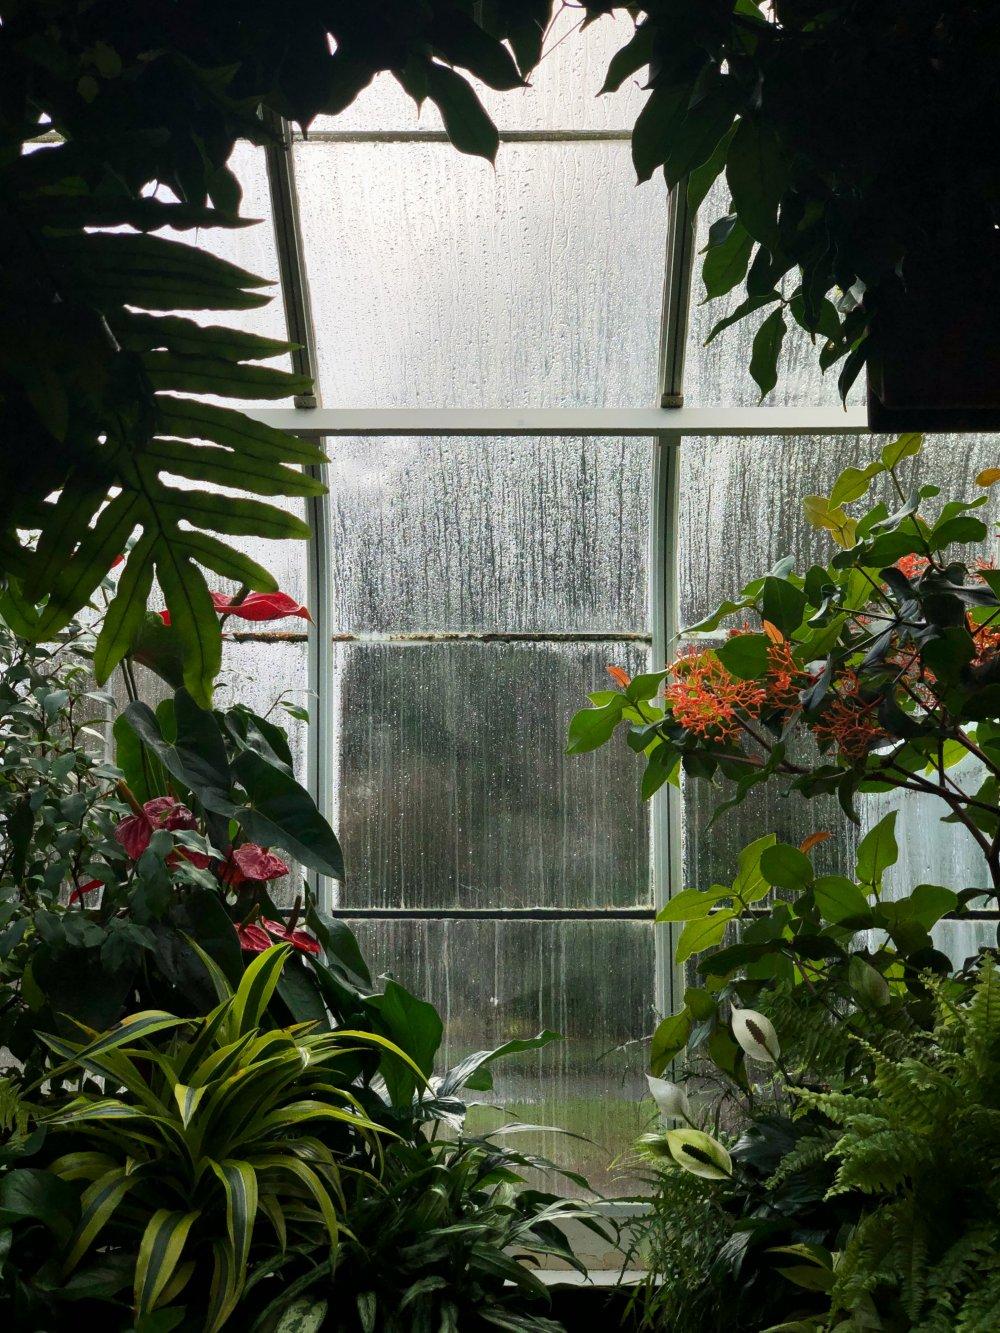 En handelsträdgård erbjuder mer än bara blommor